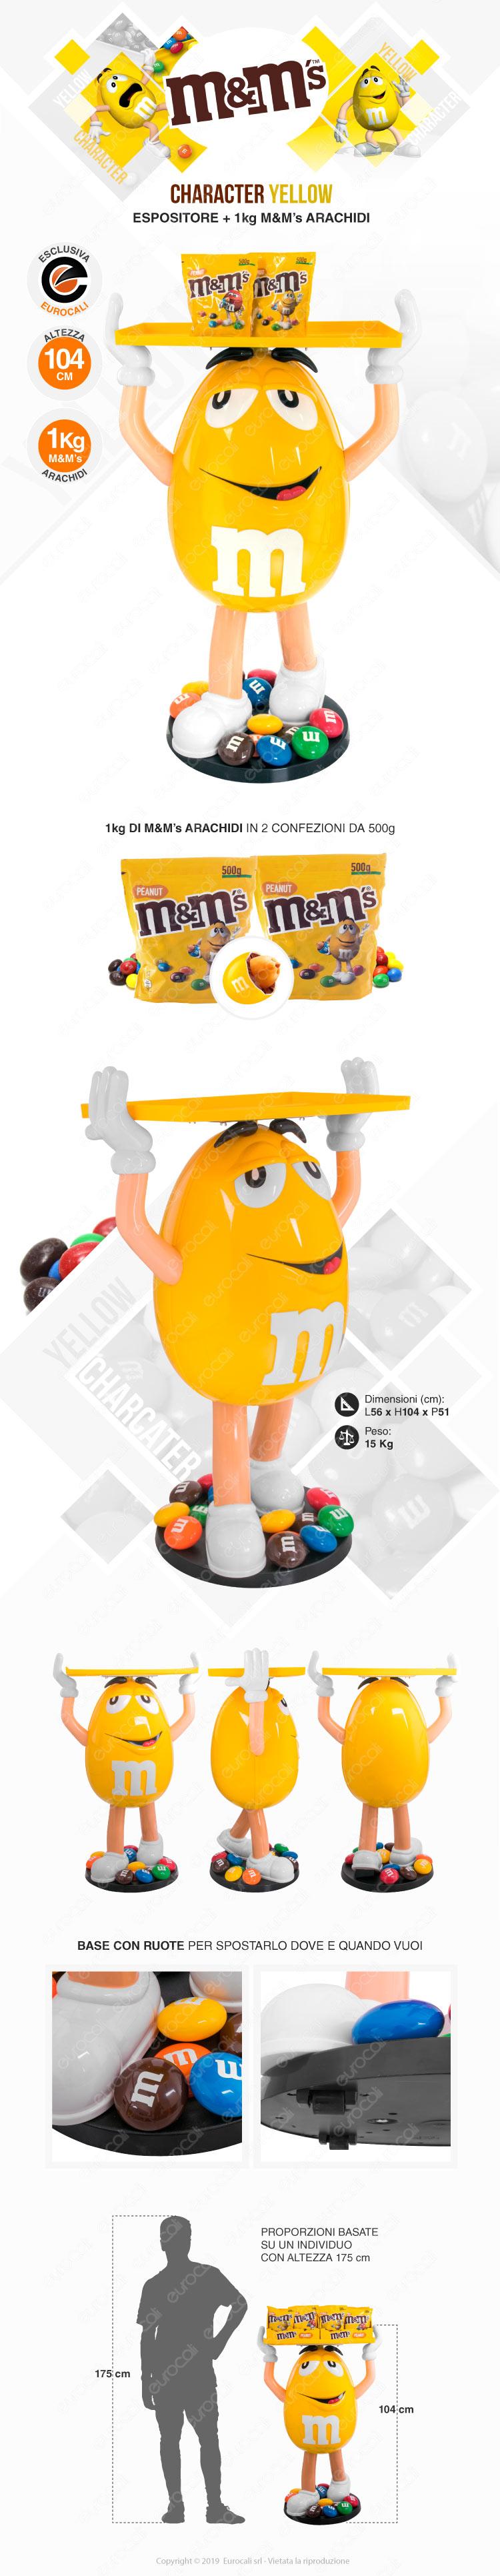 M&M's character yellow espositore da 104 con M&M's da 1 kg di arachidi